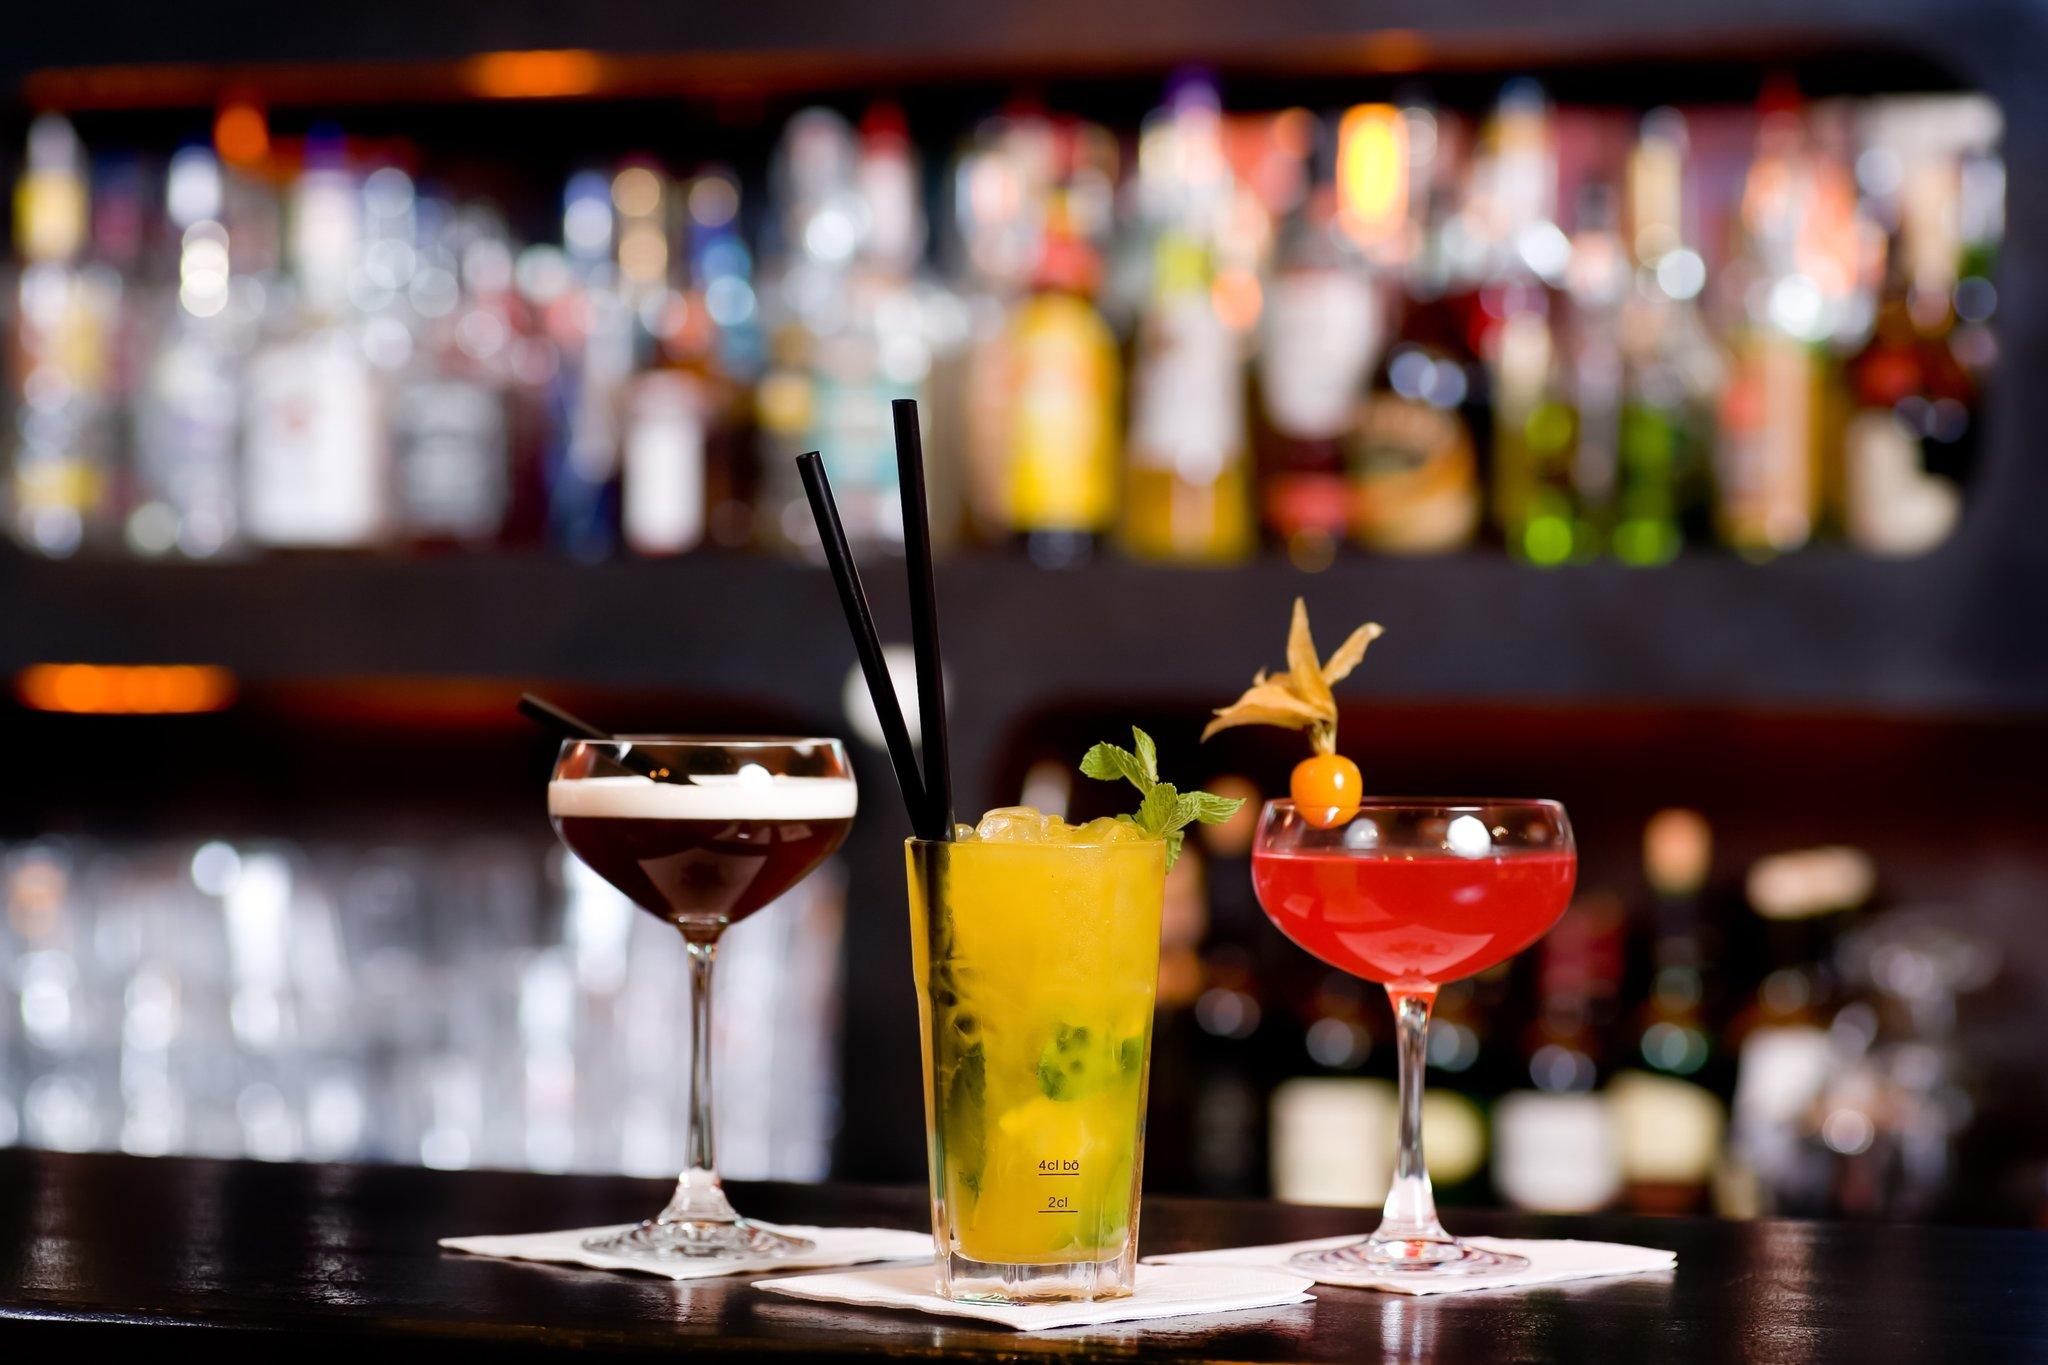 bars pubs und caf s haben gro teils geschlossen wohin kann man sonntagabends etwas trinken. Black Bedroom Furniture Sets. Home Design Ideas